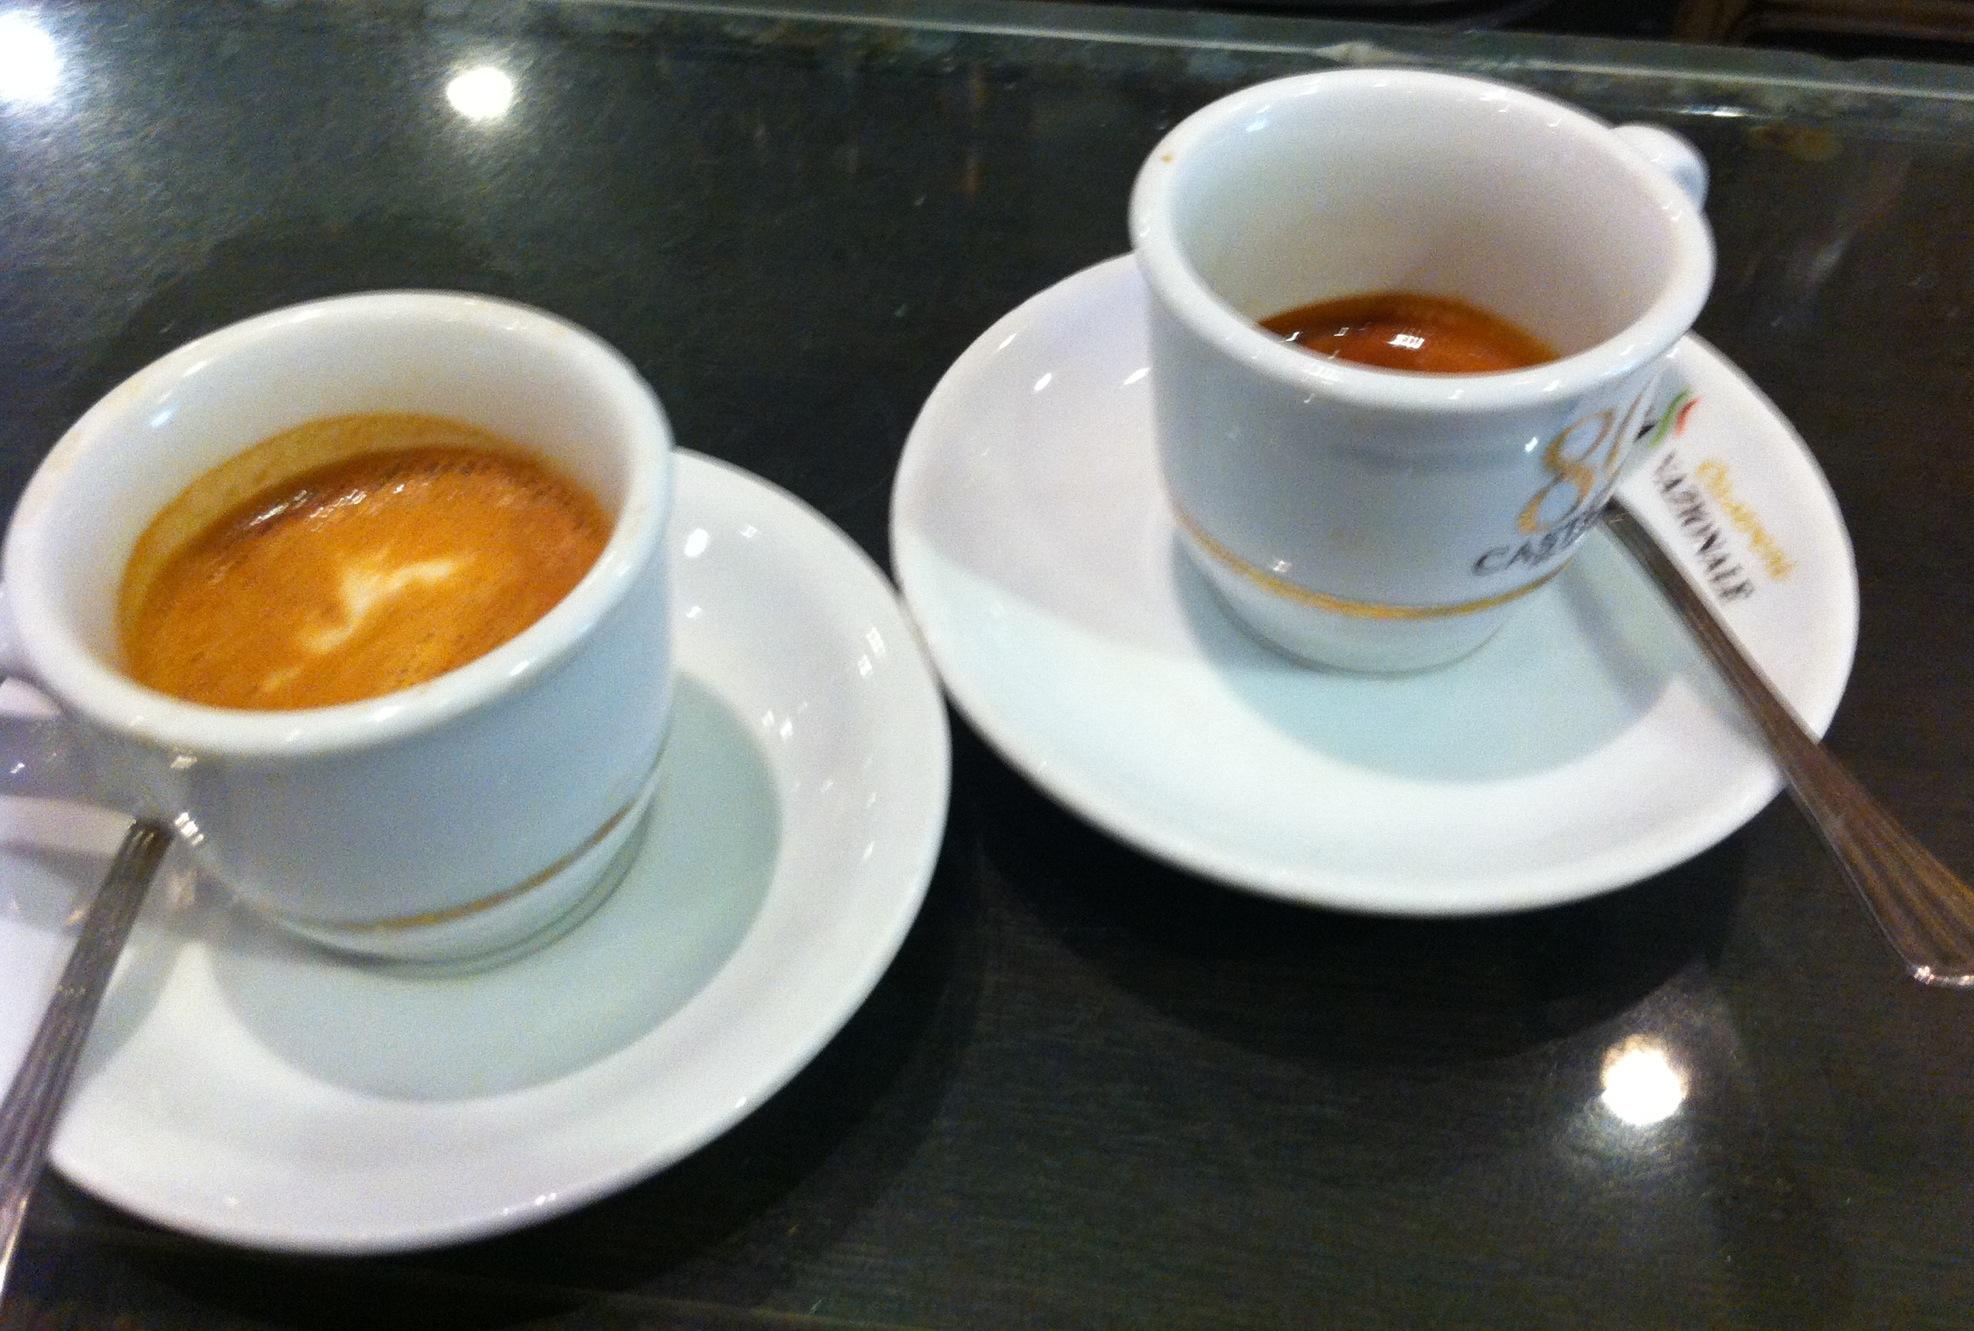 RECENSIONE DEL CAFFÈ CASTRONI A ROMA